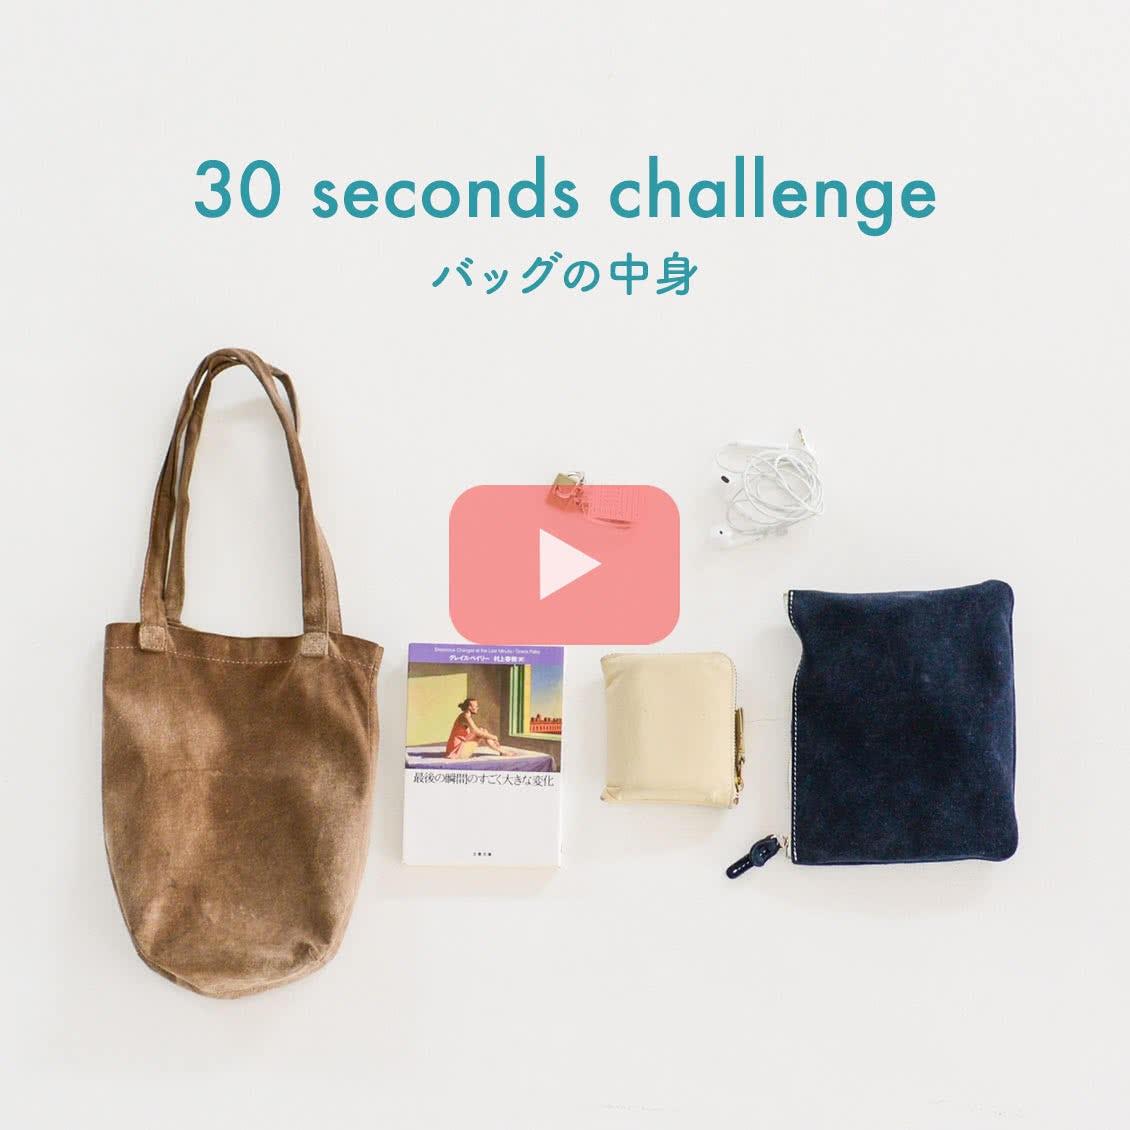 【30秒チャレンジ】荷物が少ないスタッフの「バッグの中身3つ」を紹介します!(スタッフ糸井 編)